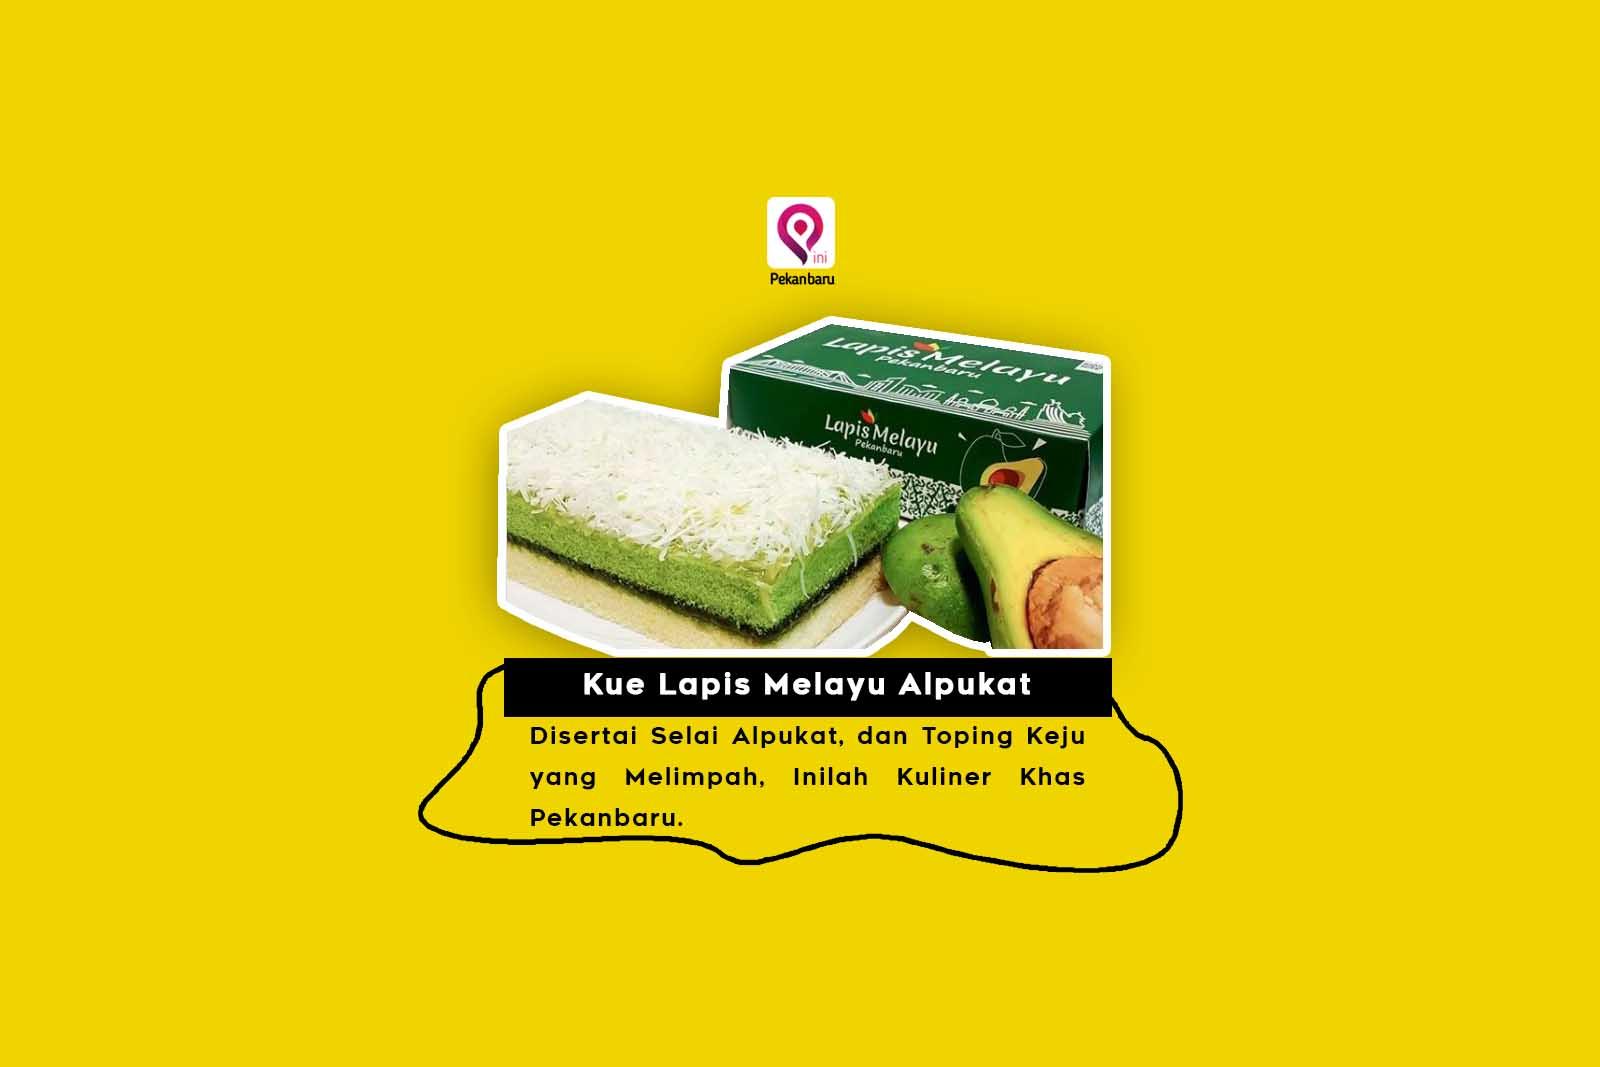 Kue Lapis Melayu Alpukat Disertai Selai, dan Toping Keju Kuliner Khas Pekanbaru